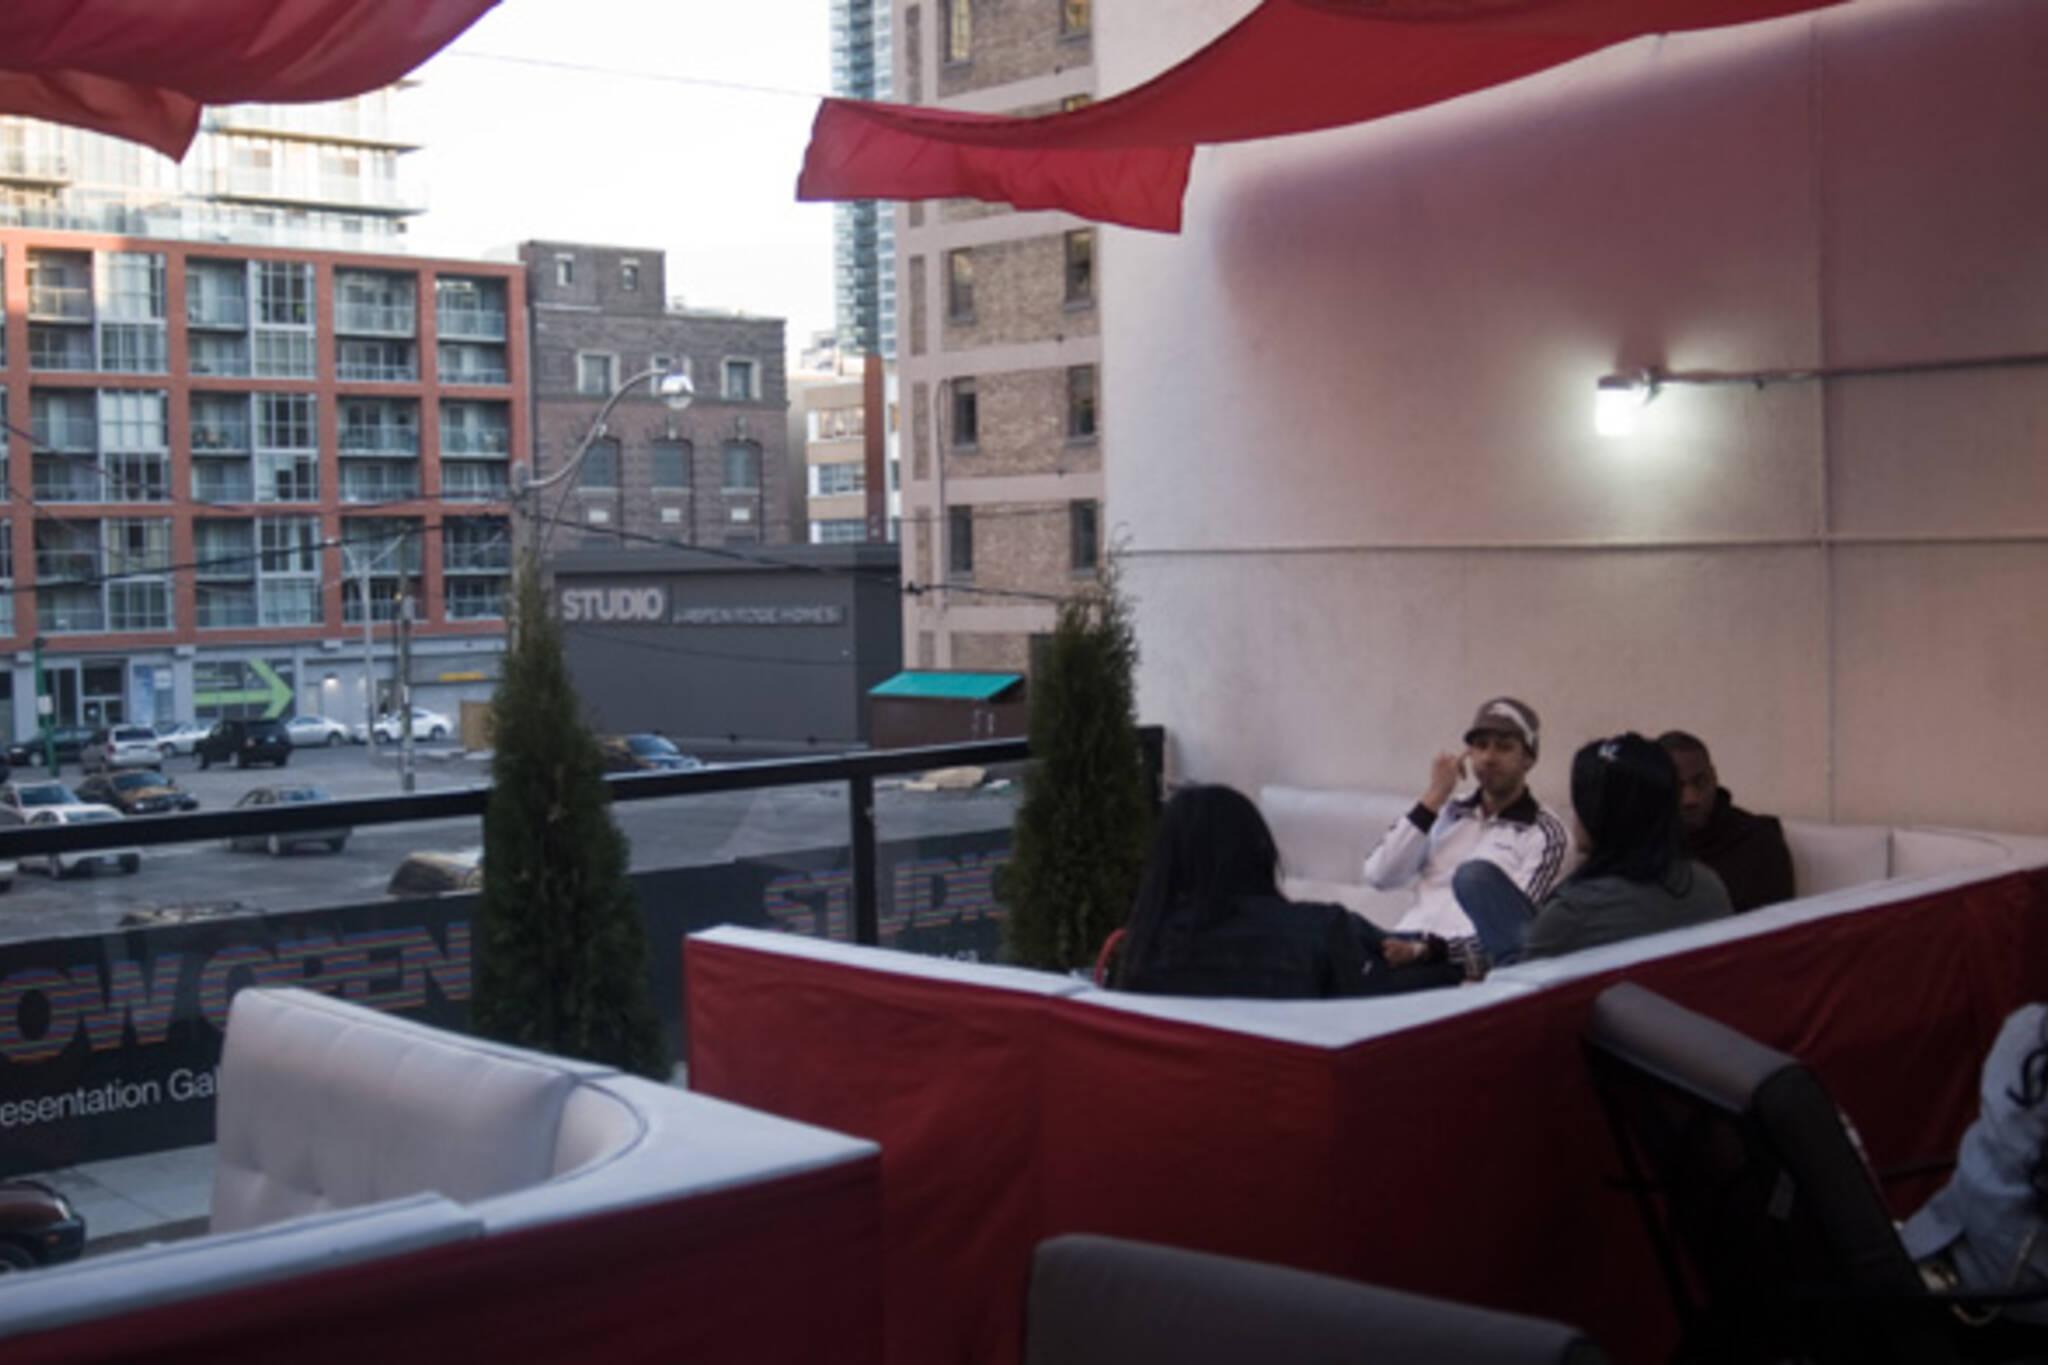 Markaz Cafe Toronto